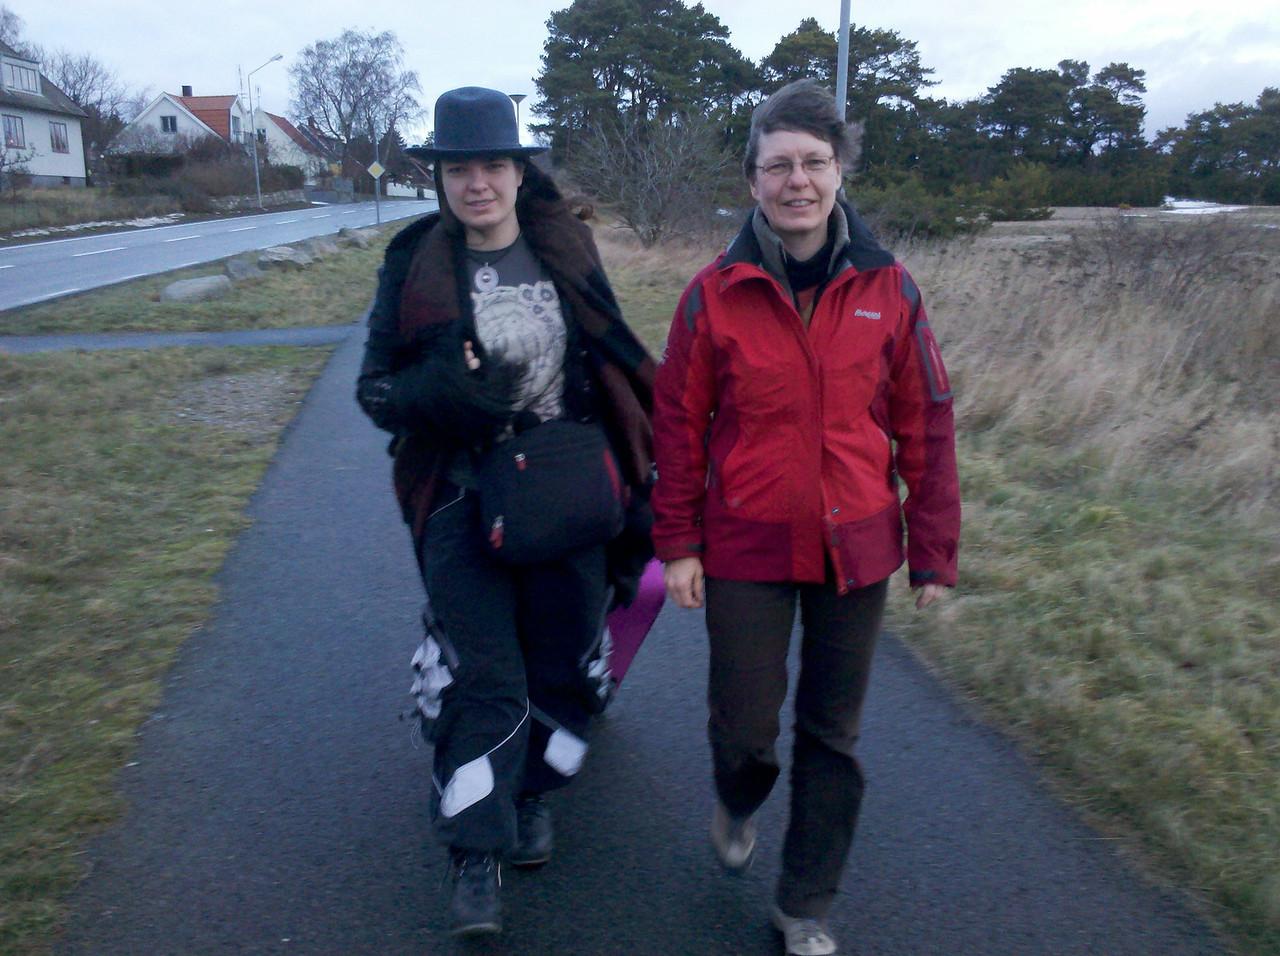 Louise & Karina på väg till bussen i Tobisborg, lilljulafton 2012.